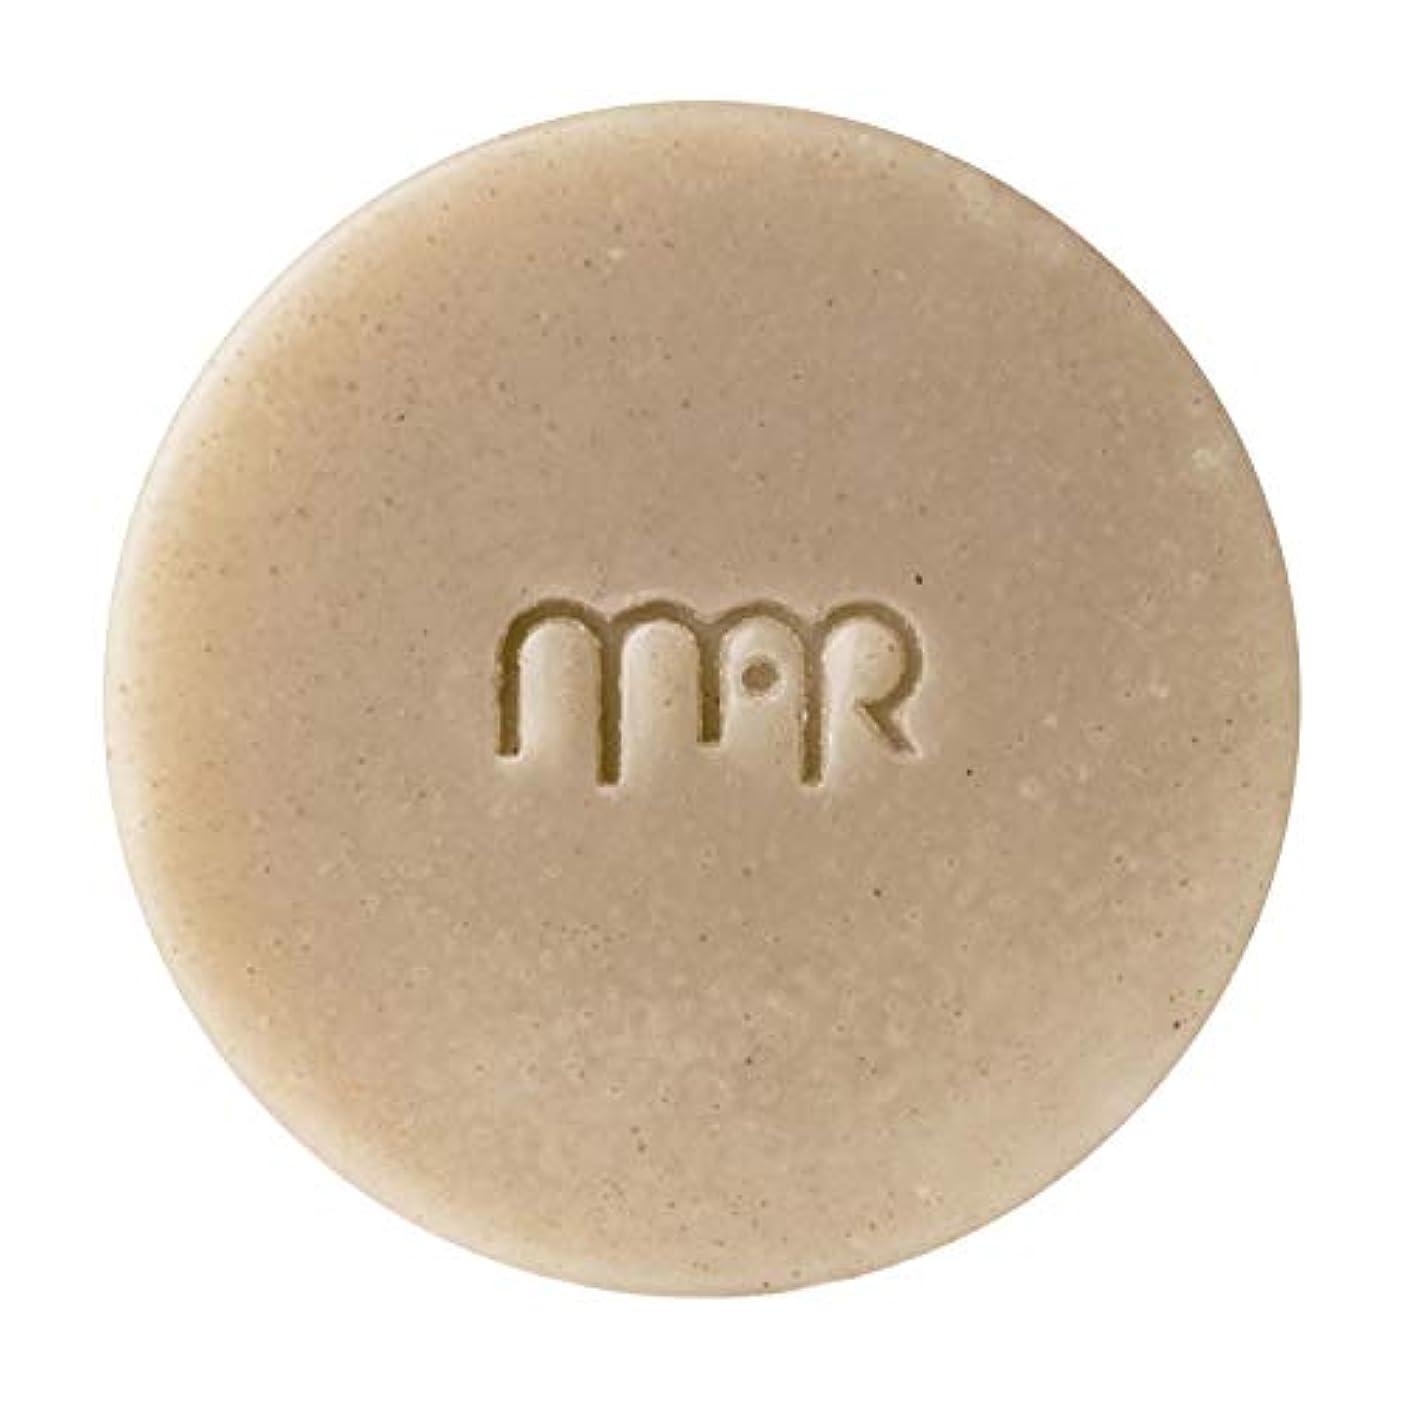 水差しマンモスパーティーマールアペラル (MARapelar) オーガニッククレイ石鹸(大) 80g / 約30日分